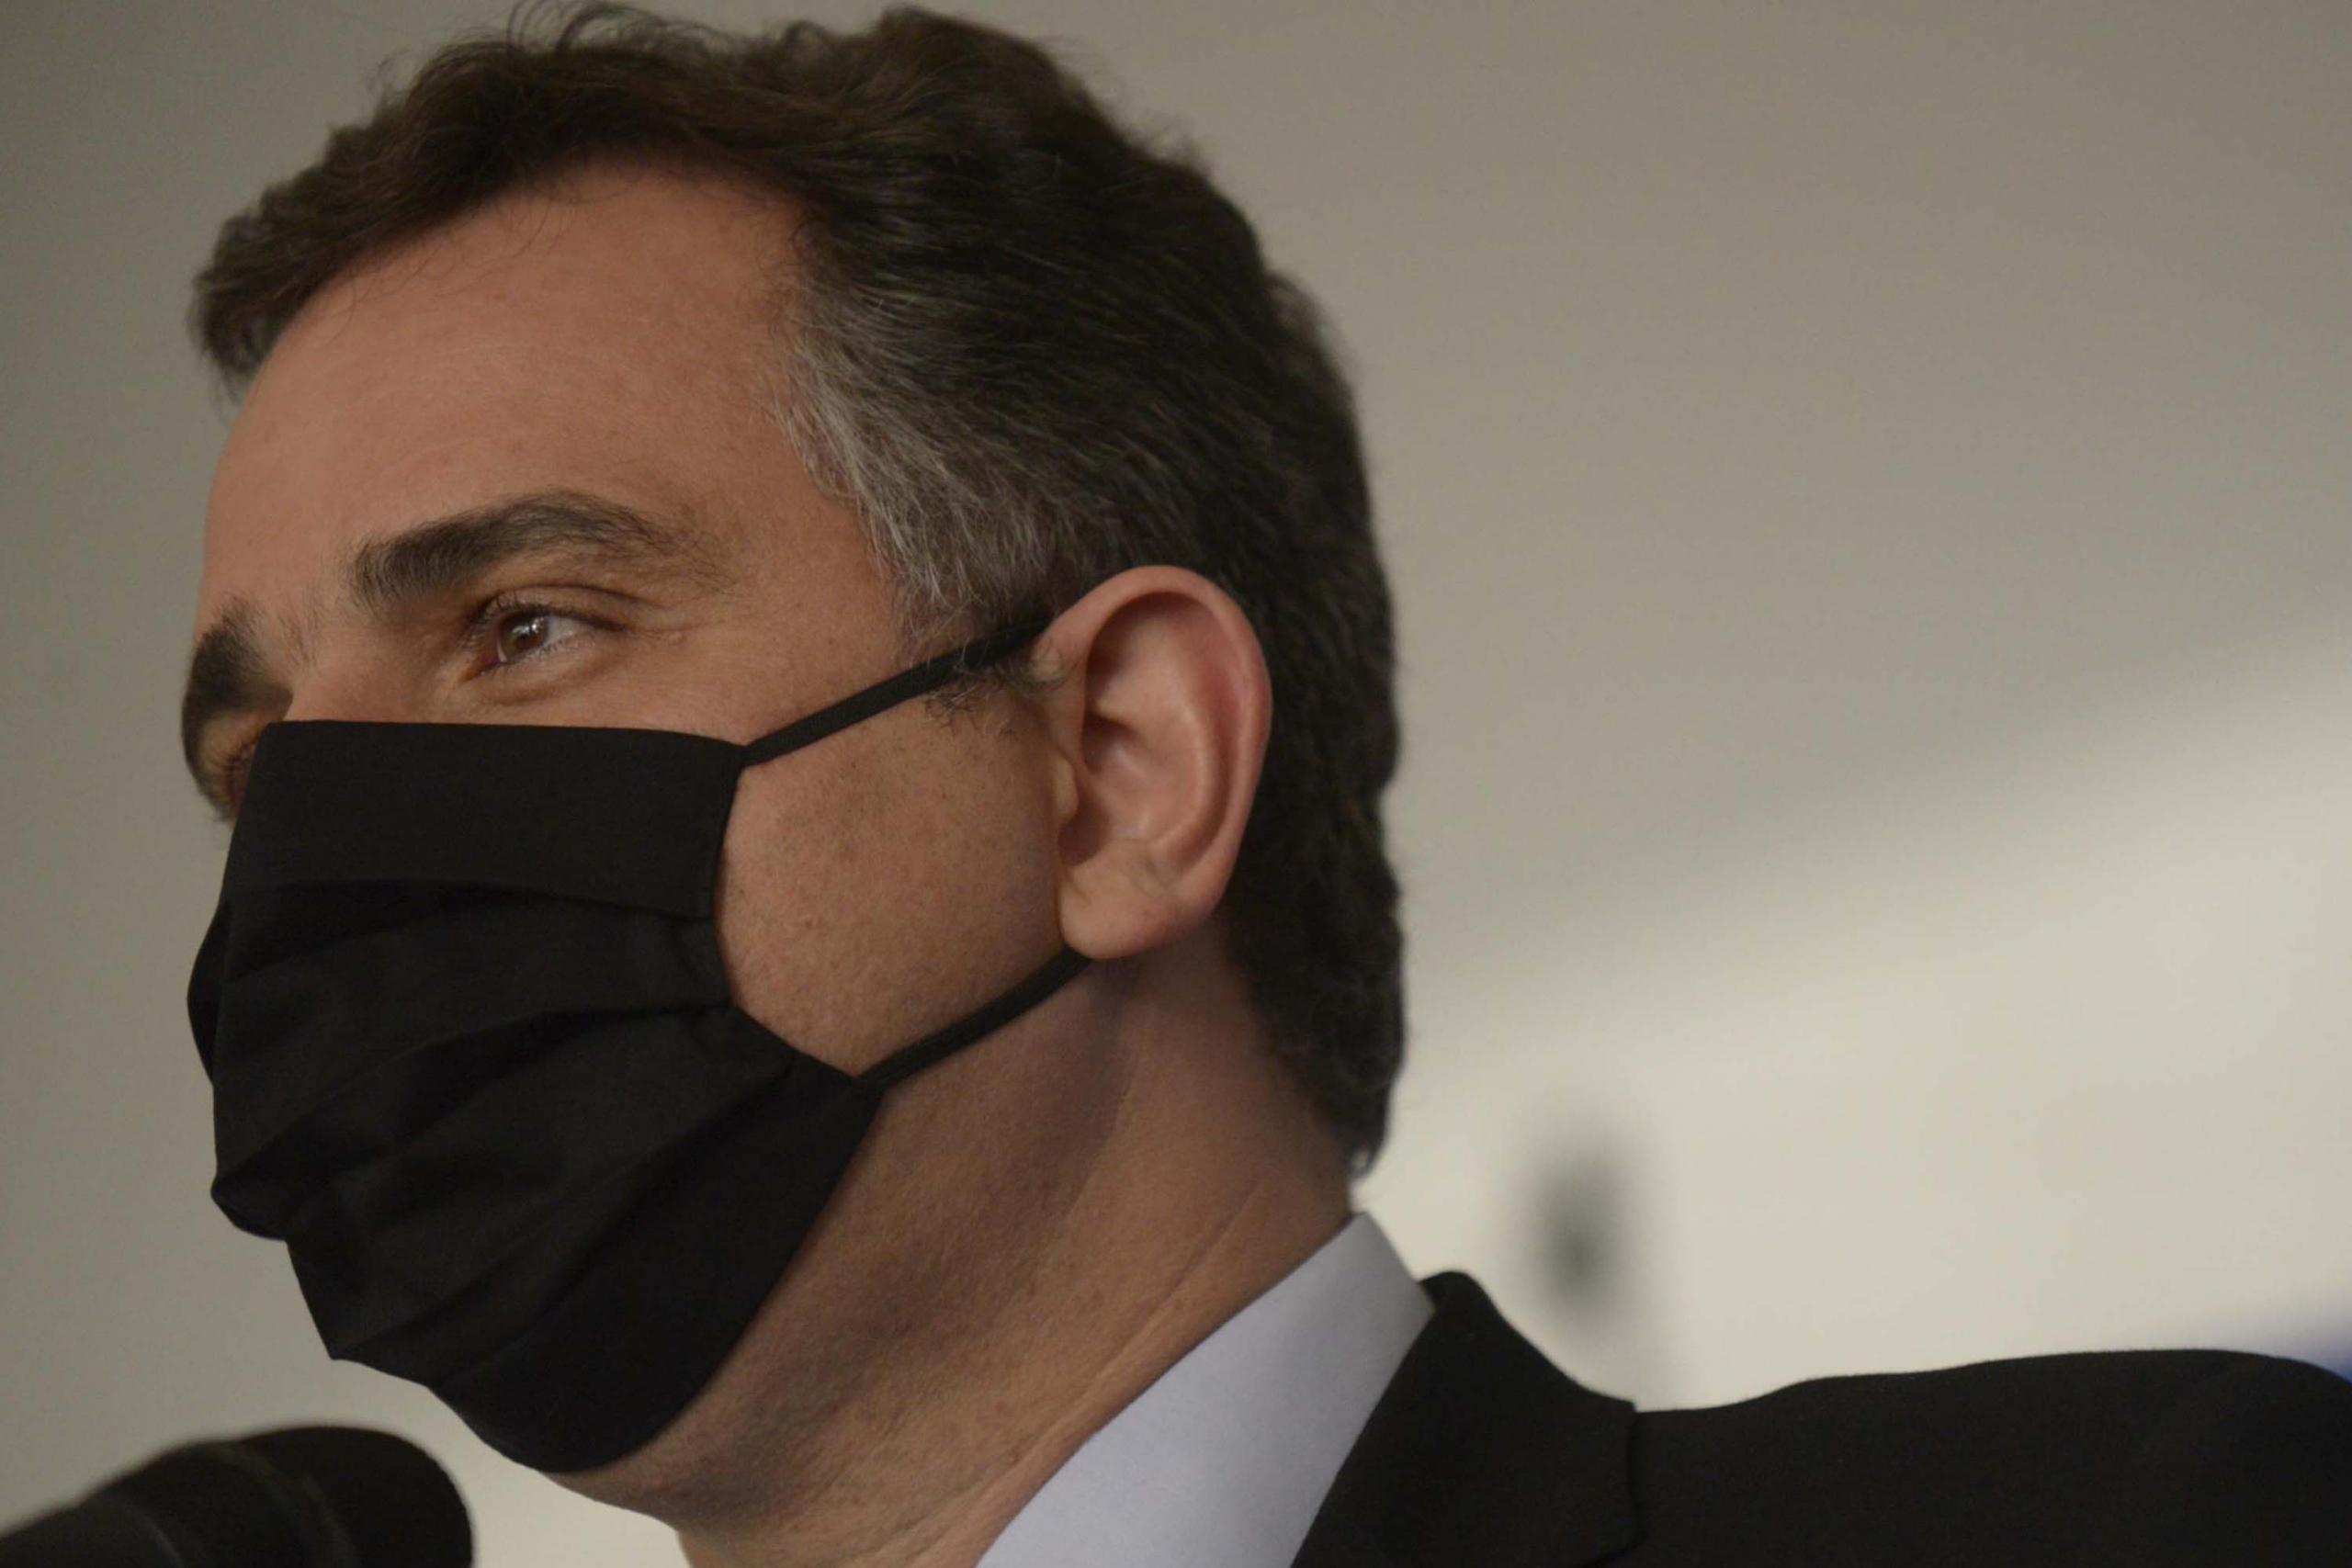 Foto de perfil do presidente do Senado, Rodrigo Pacheco